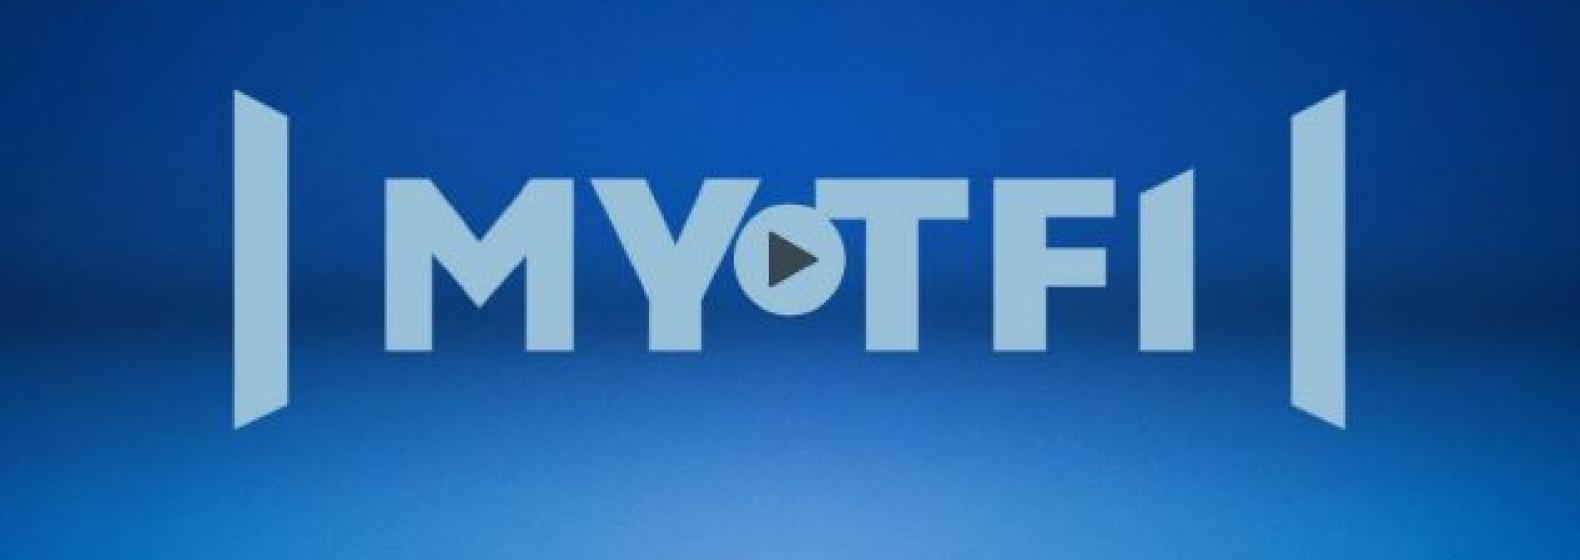 logo_mytf1.jpg